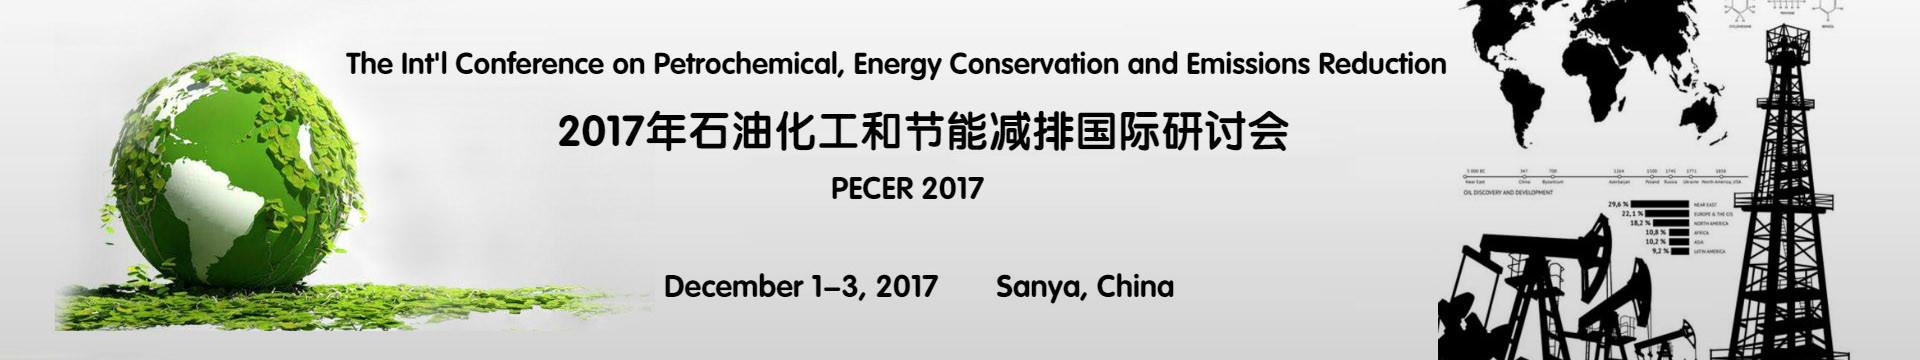 2017年石油化工和节能减排国际研讨会(PECER 2017)